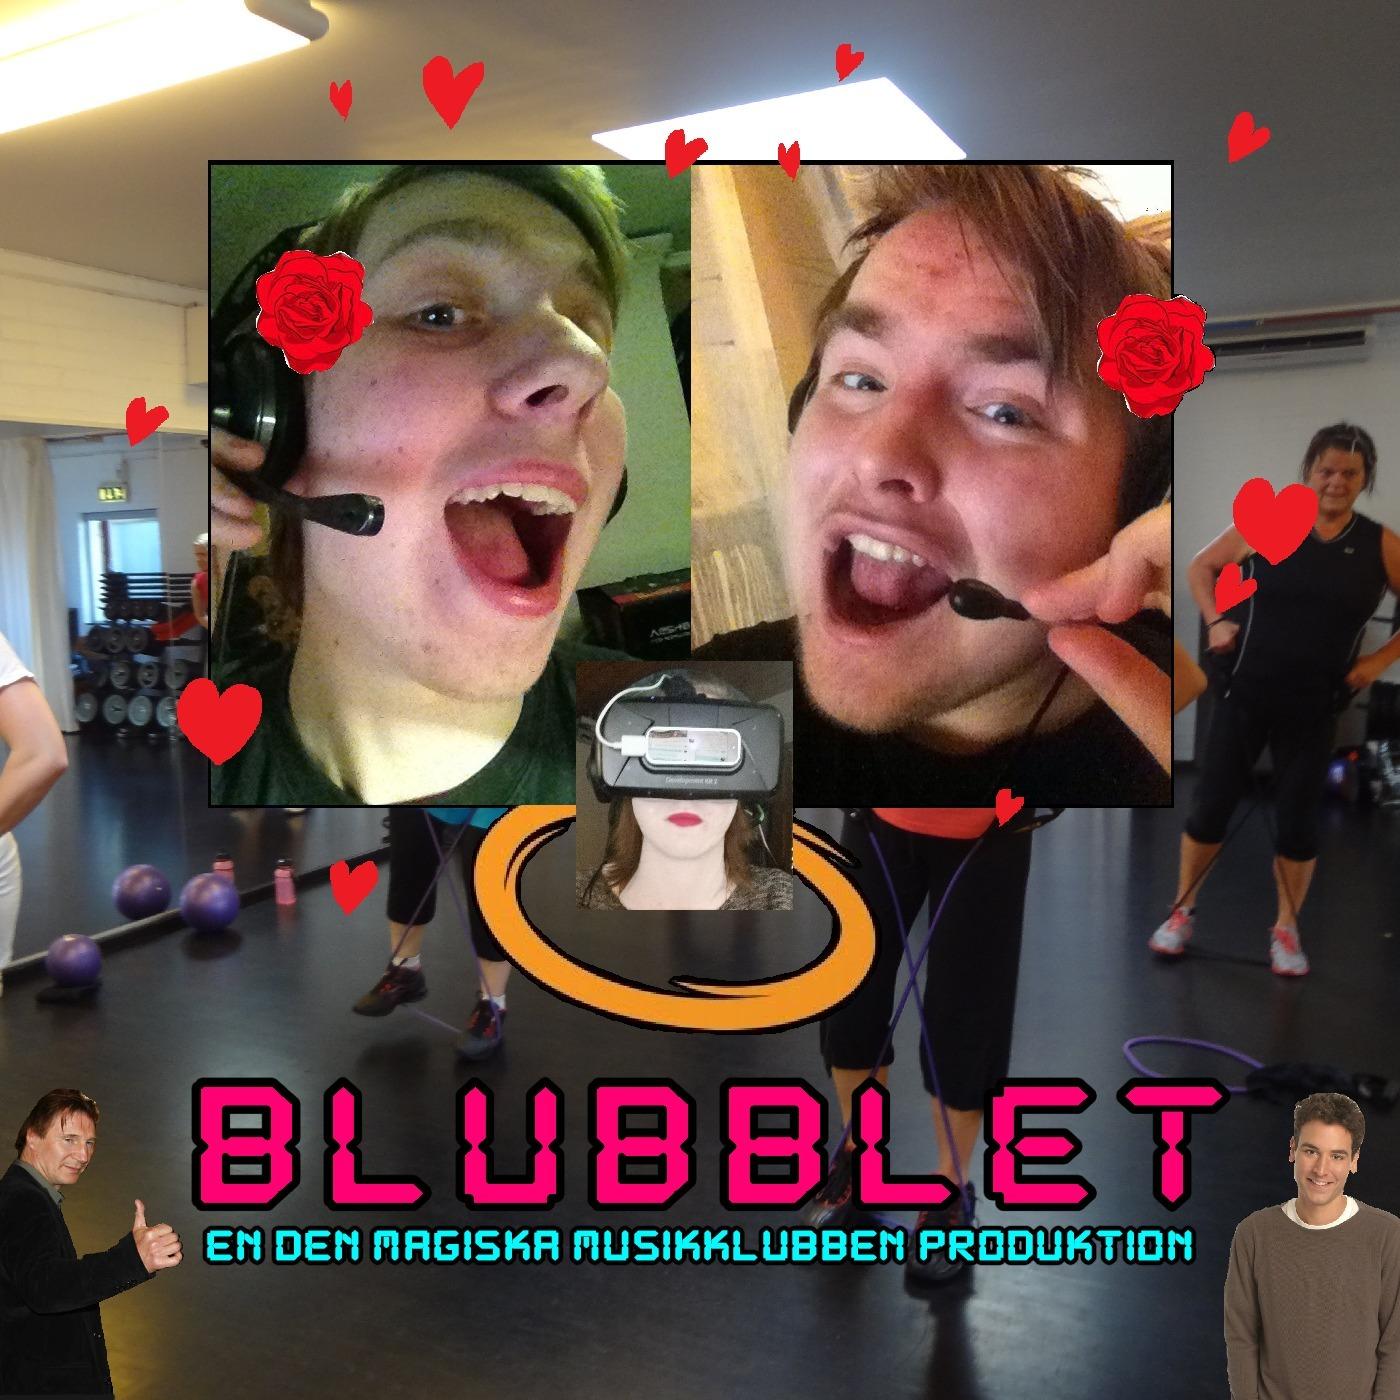 Blubblet